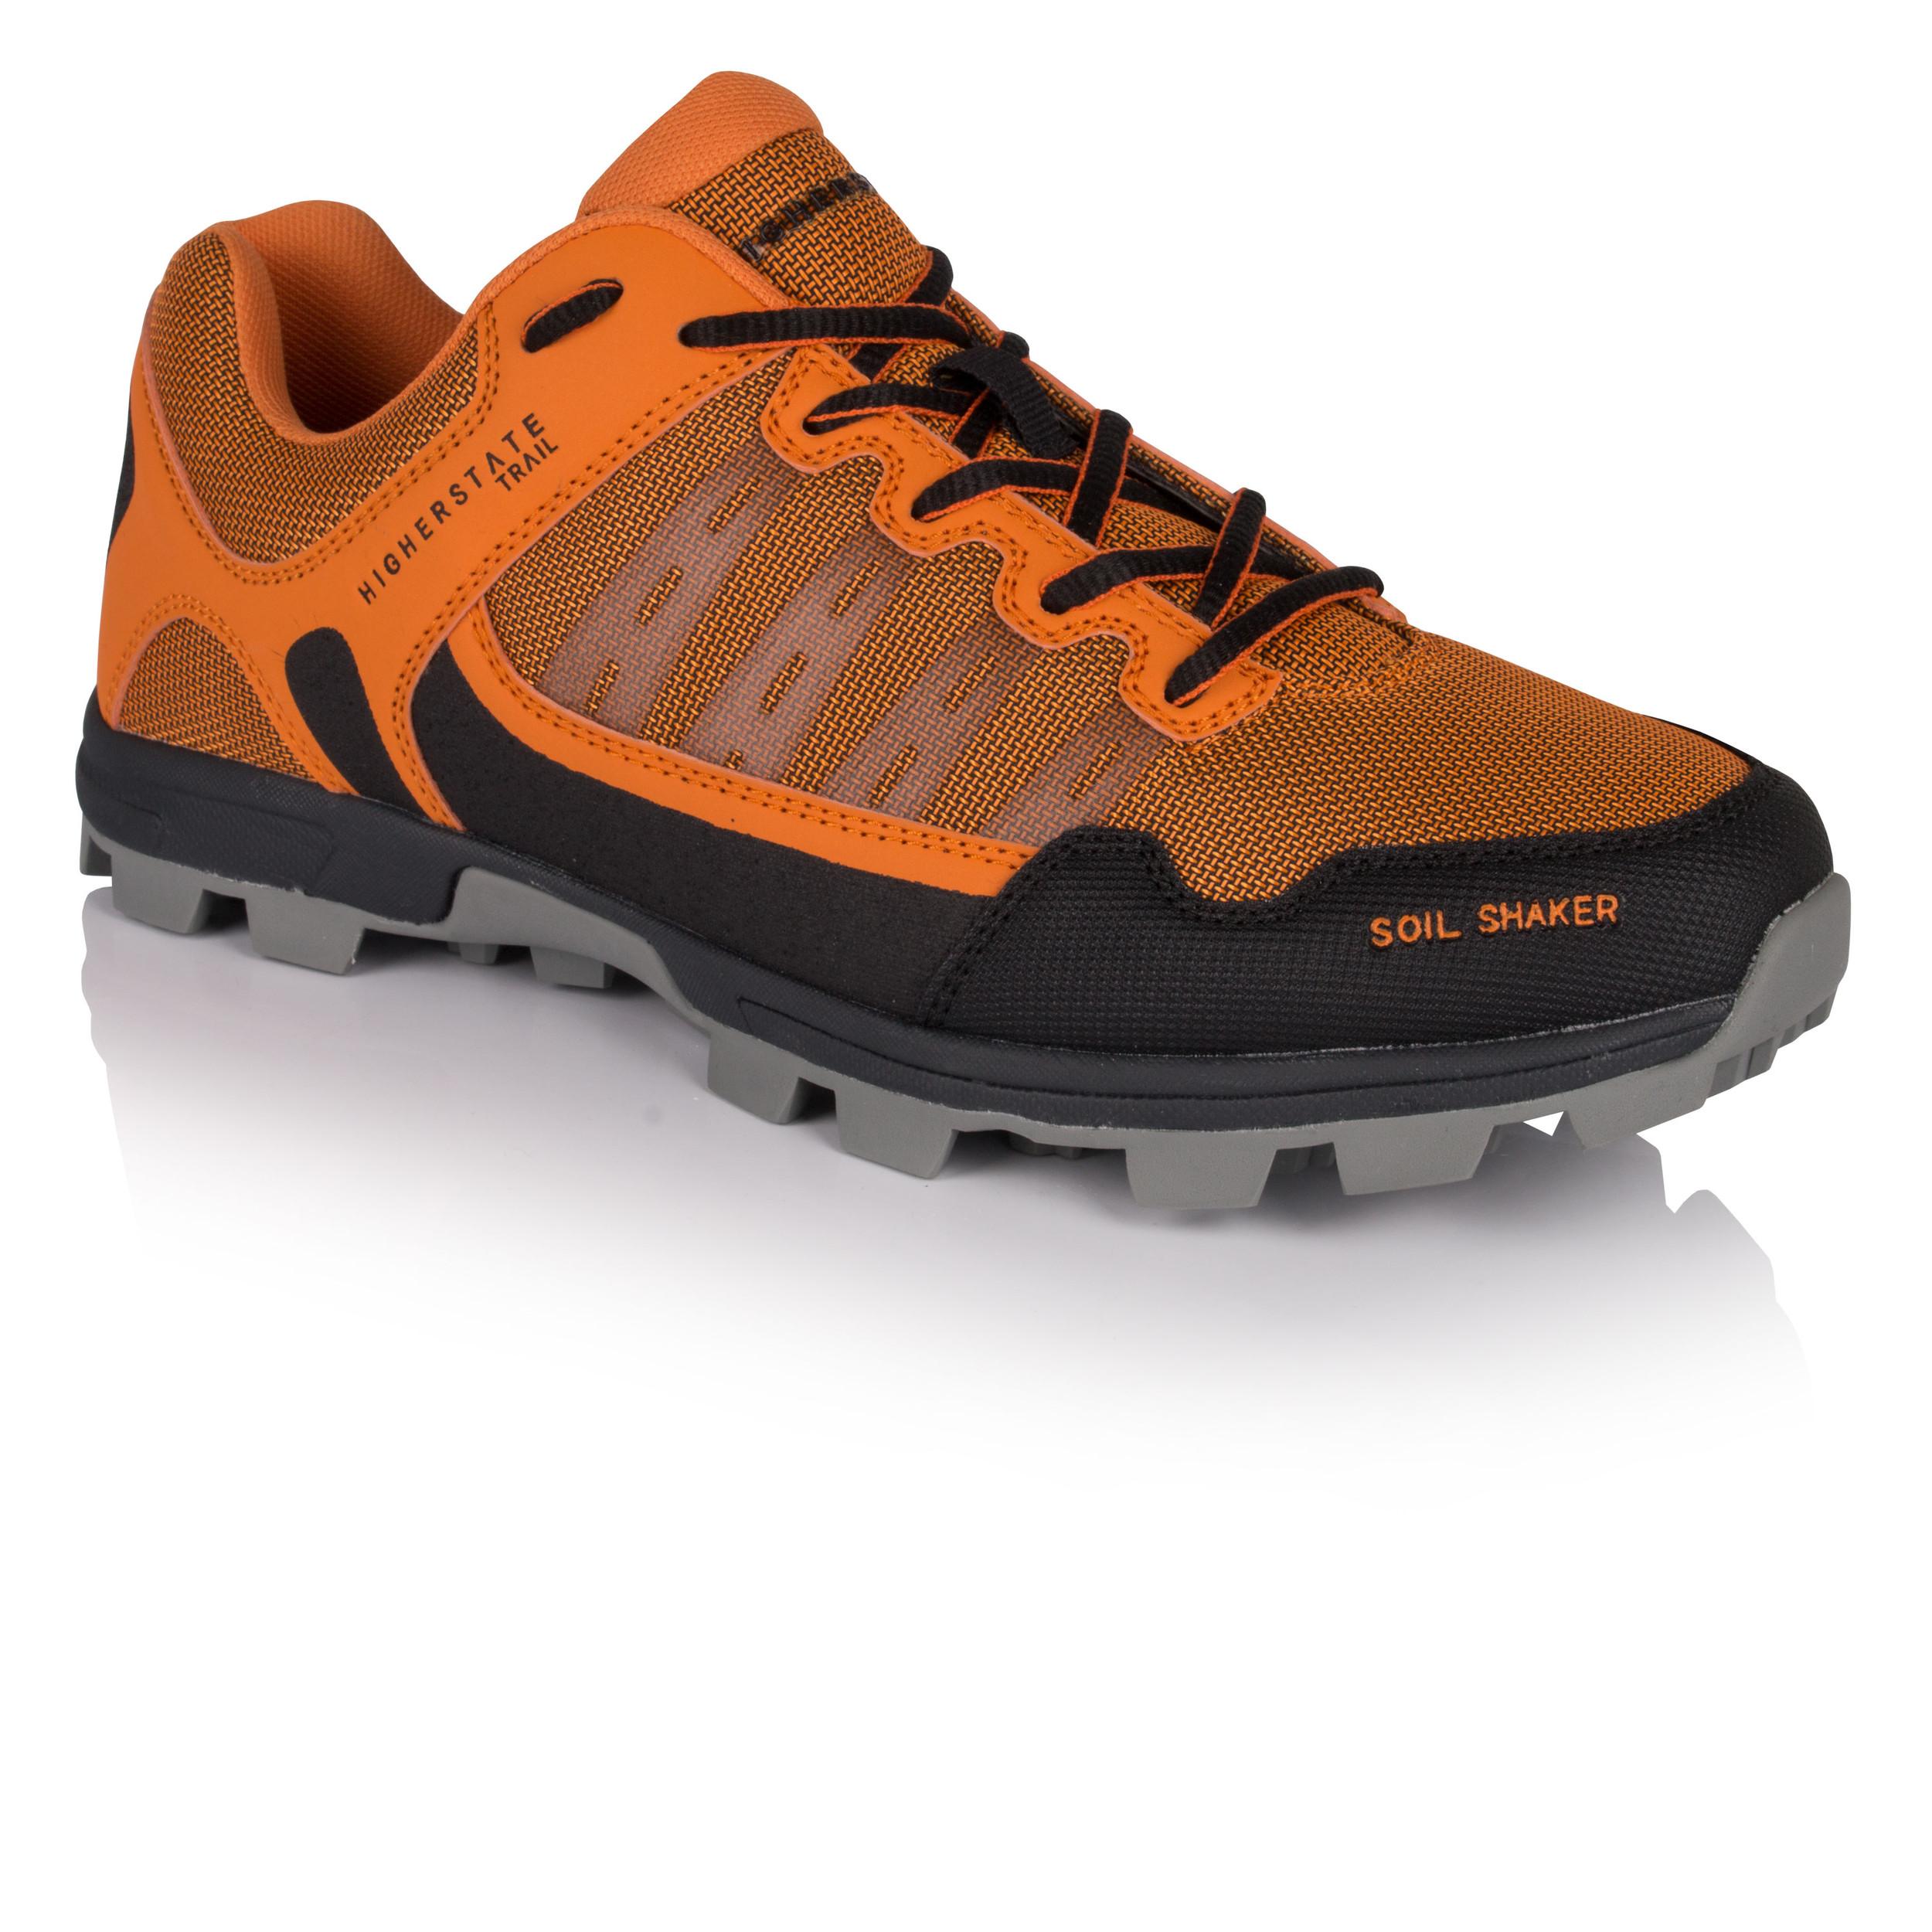 Inov 8 Homme Roclite 320 GTX Trail Chaussures De Course Baskets Sneakers Noir Orange